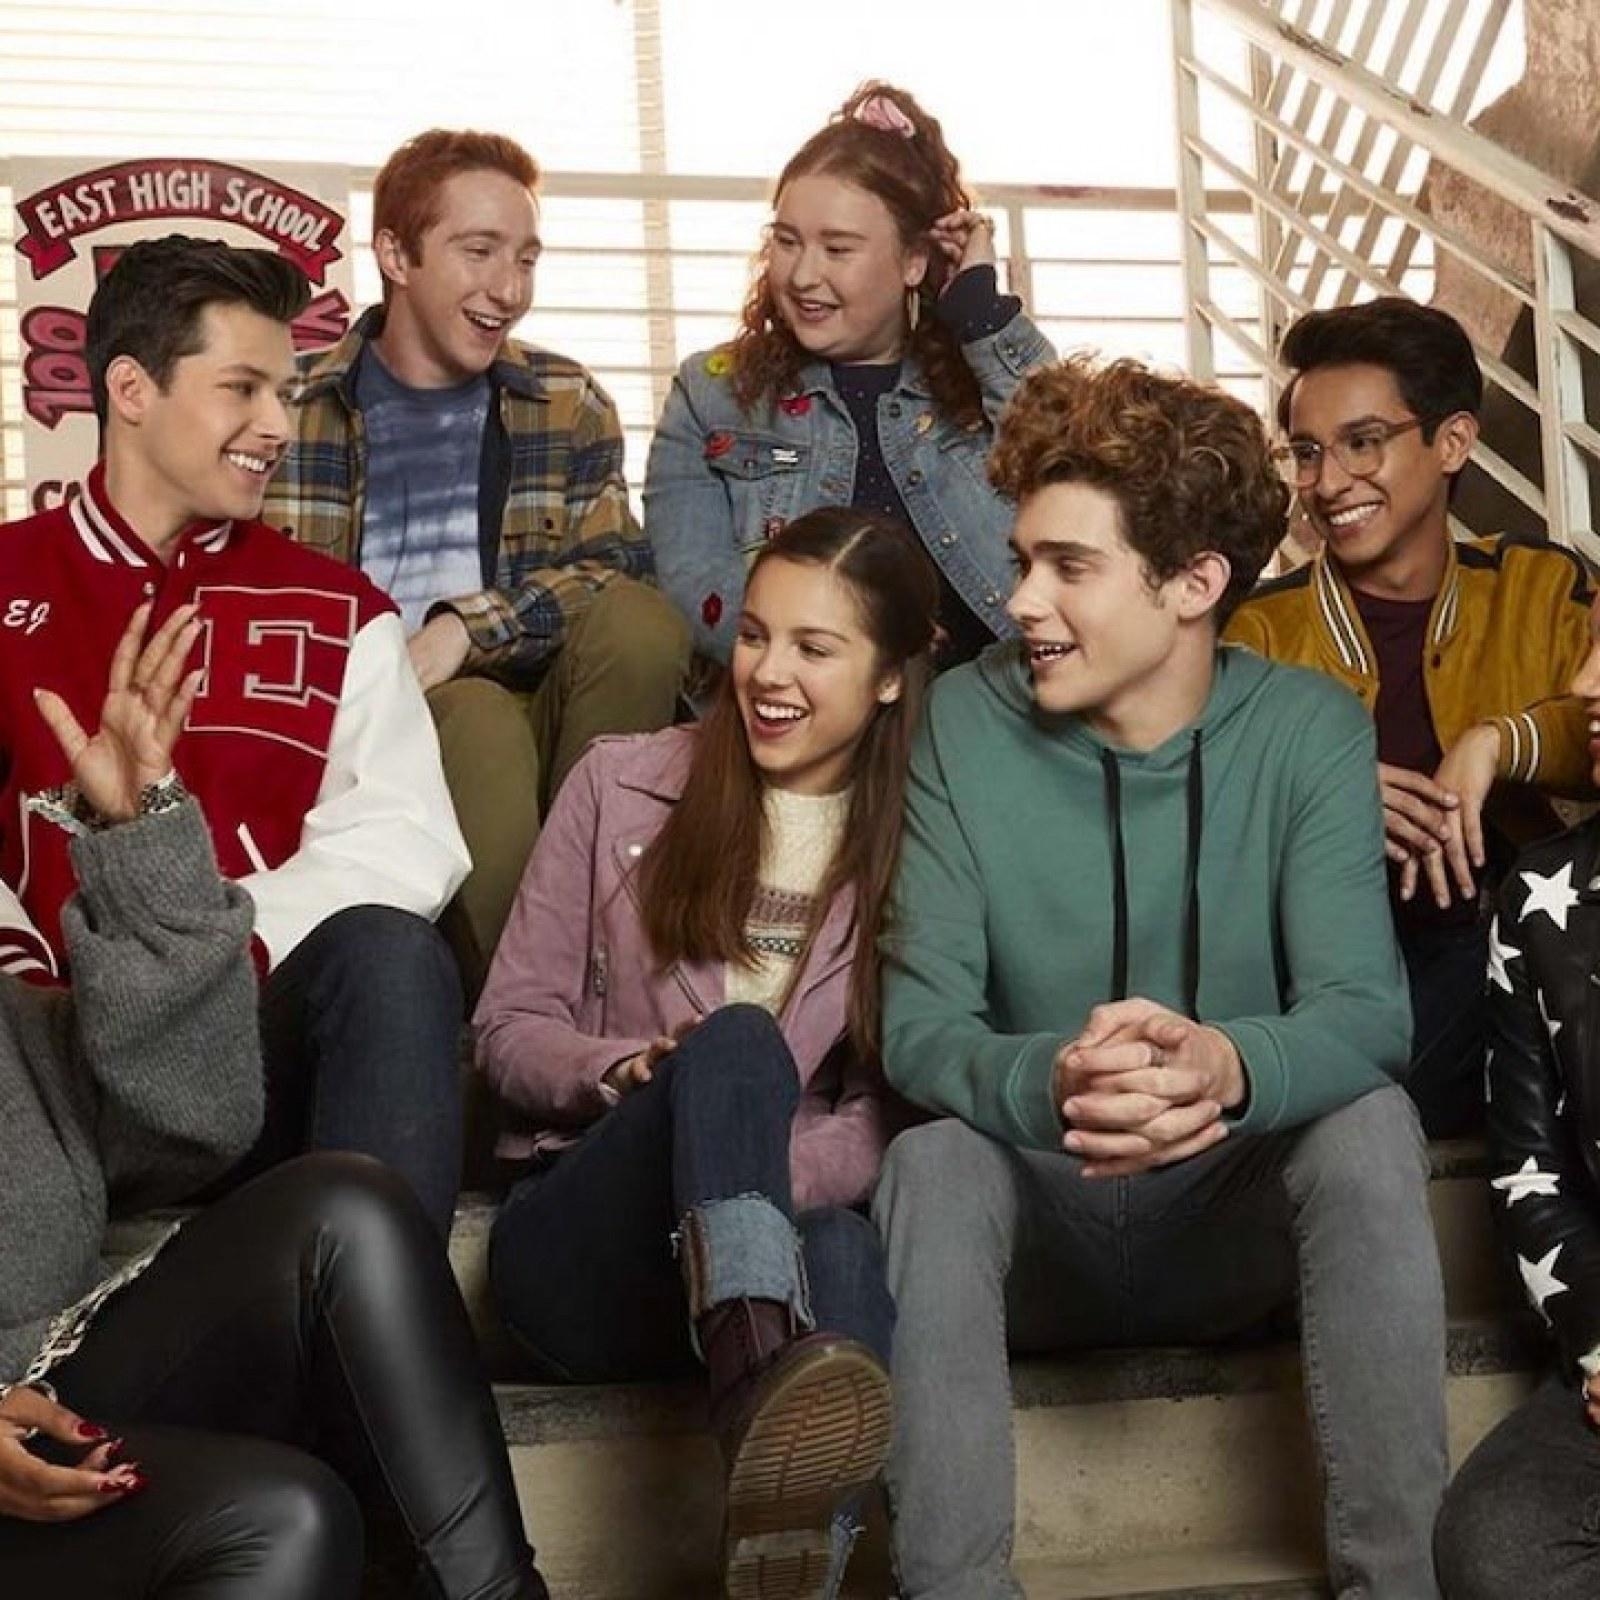 High School Musical' Series Release Date, Cast, Trailer, Plot ...